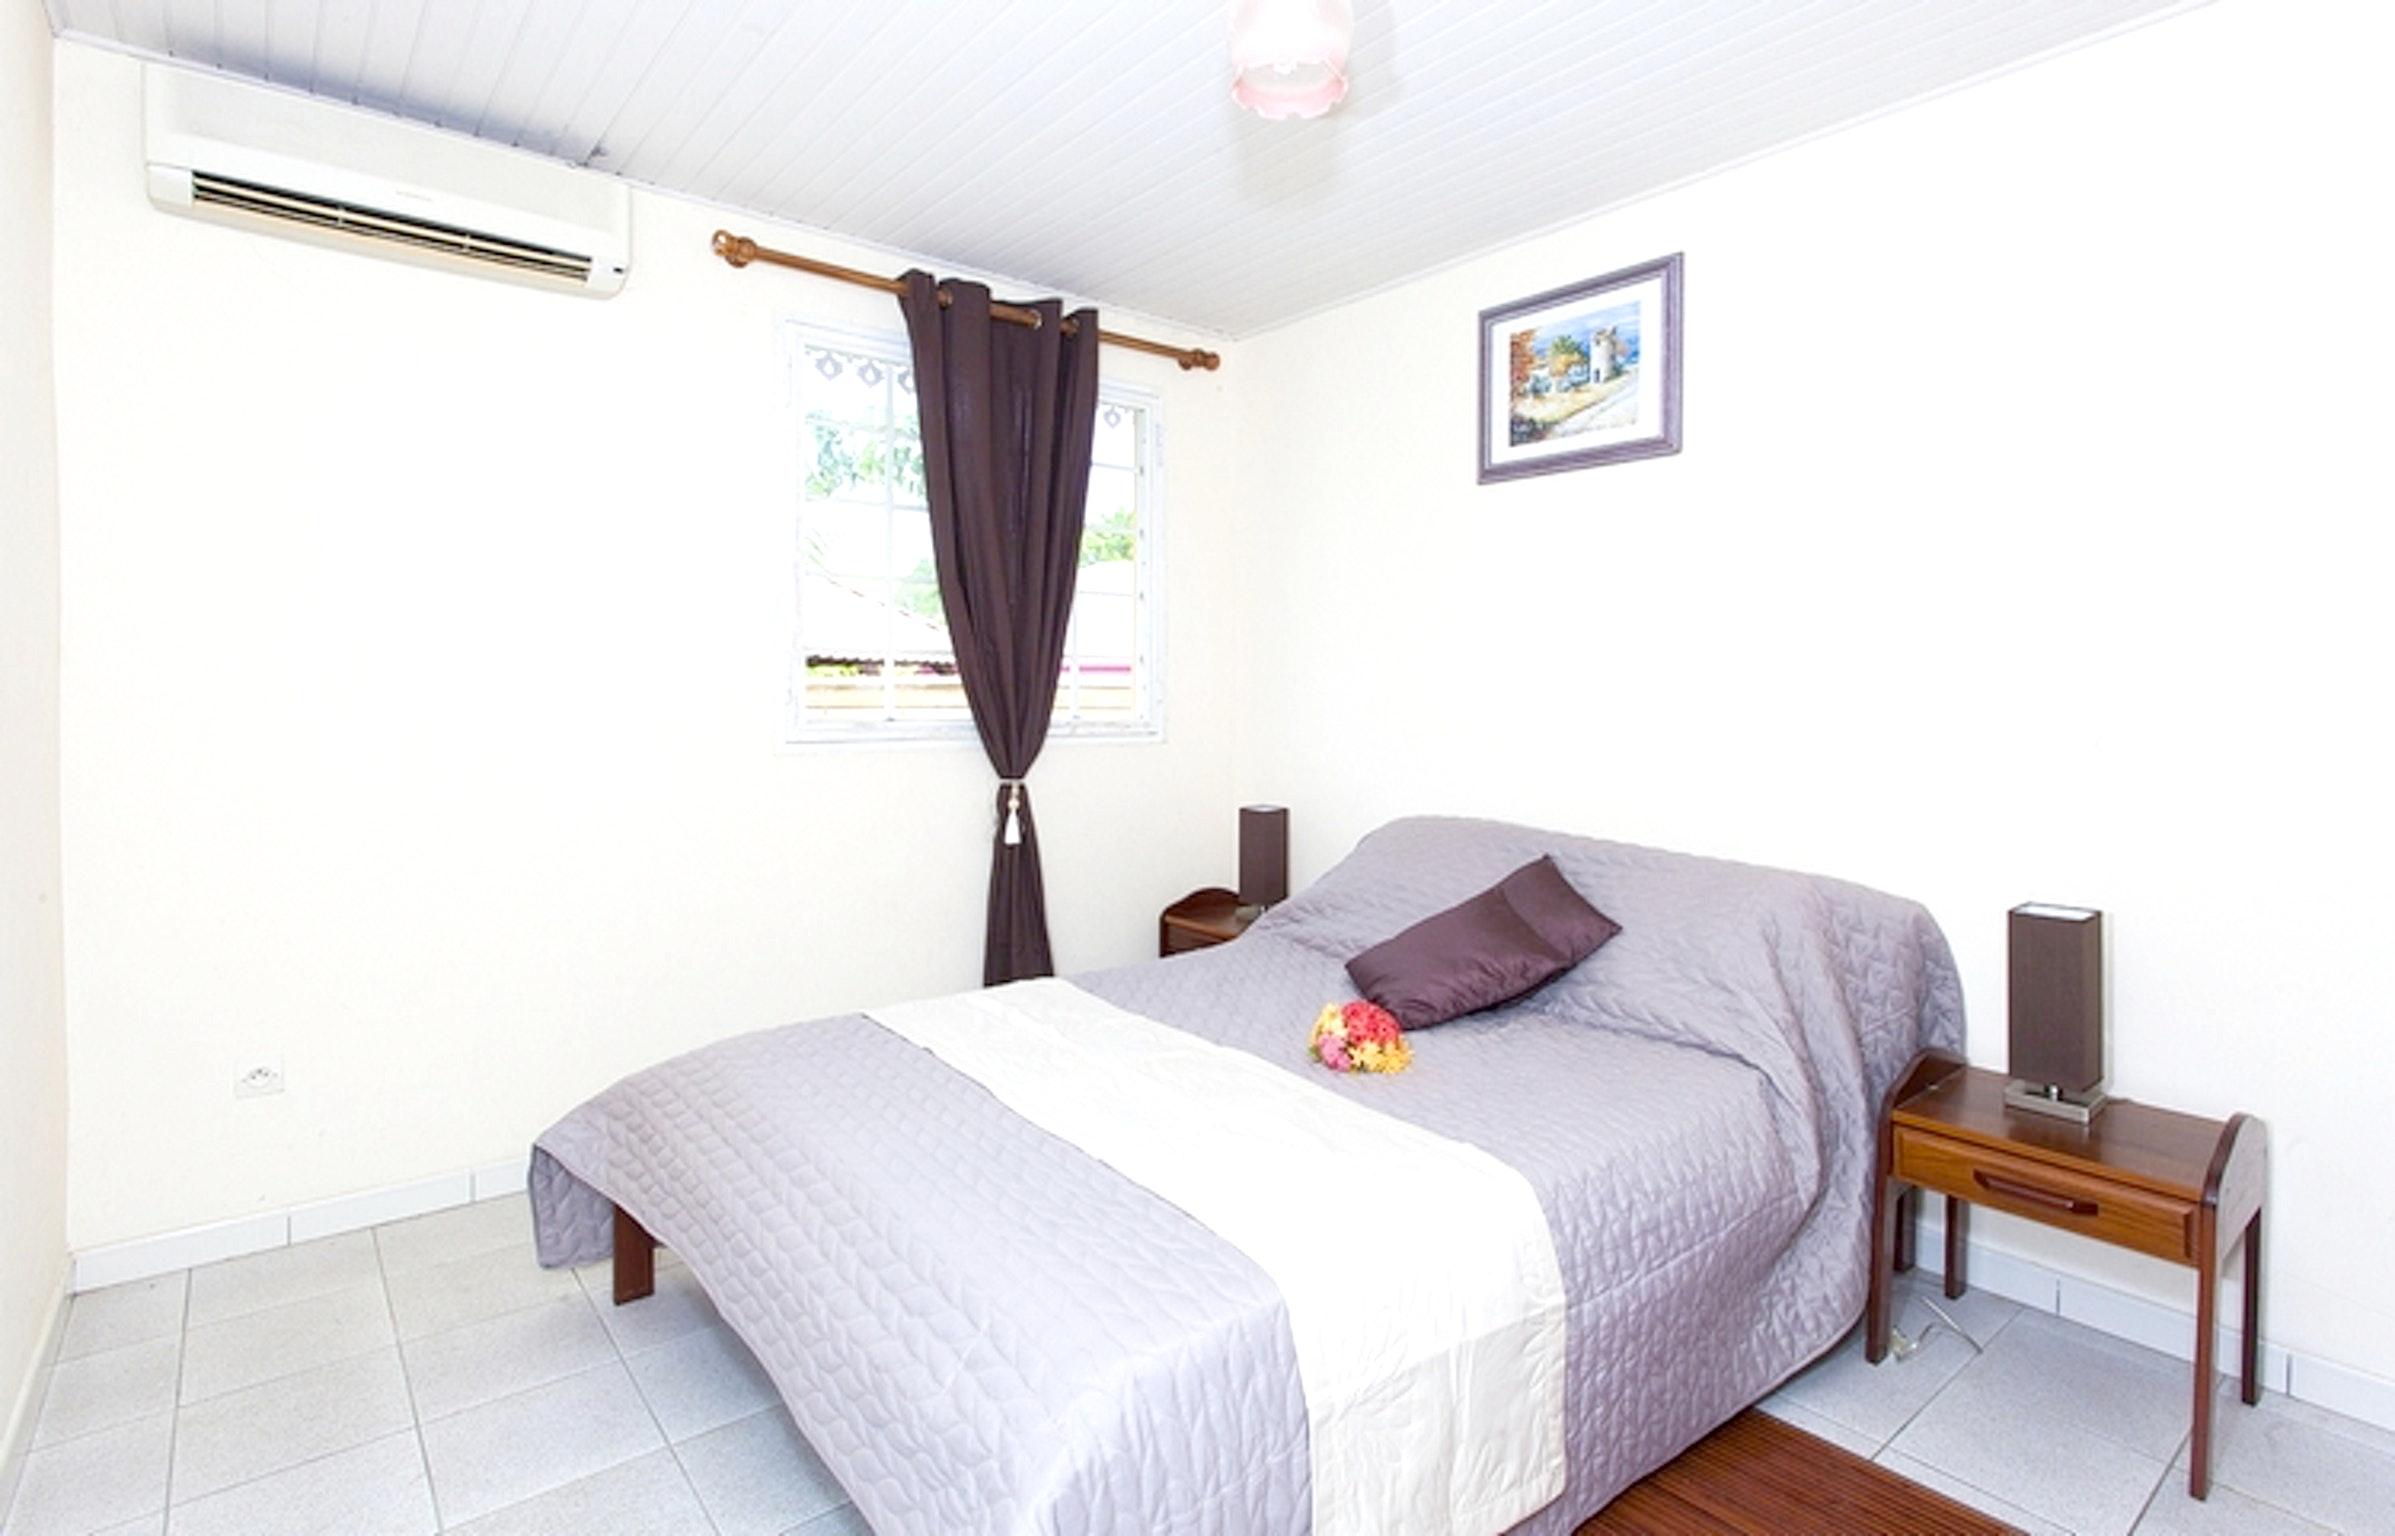 Ferienhaus Haus mit 2 Schlafzimmern in Les Trois-Ilets mit Pool, eingezäuntem Garten und W-LAN - 500  (2664081), Les Trois-Îlets, Le Marin, Martinique, Karibische Inseln, Bild 2